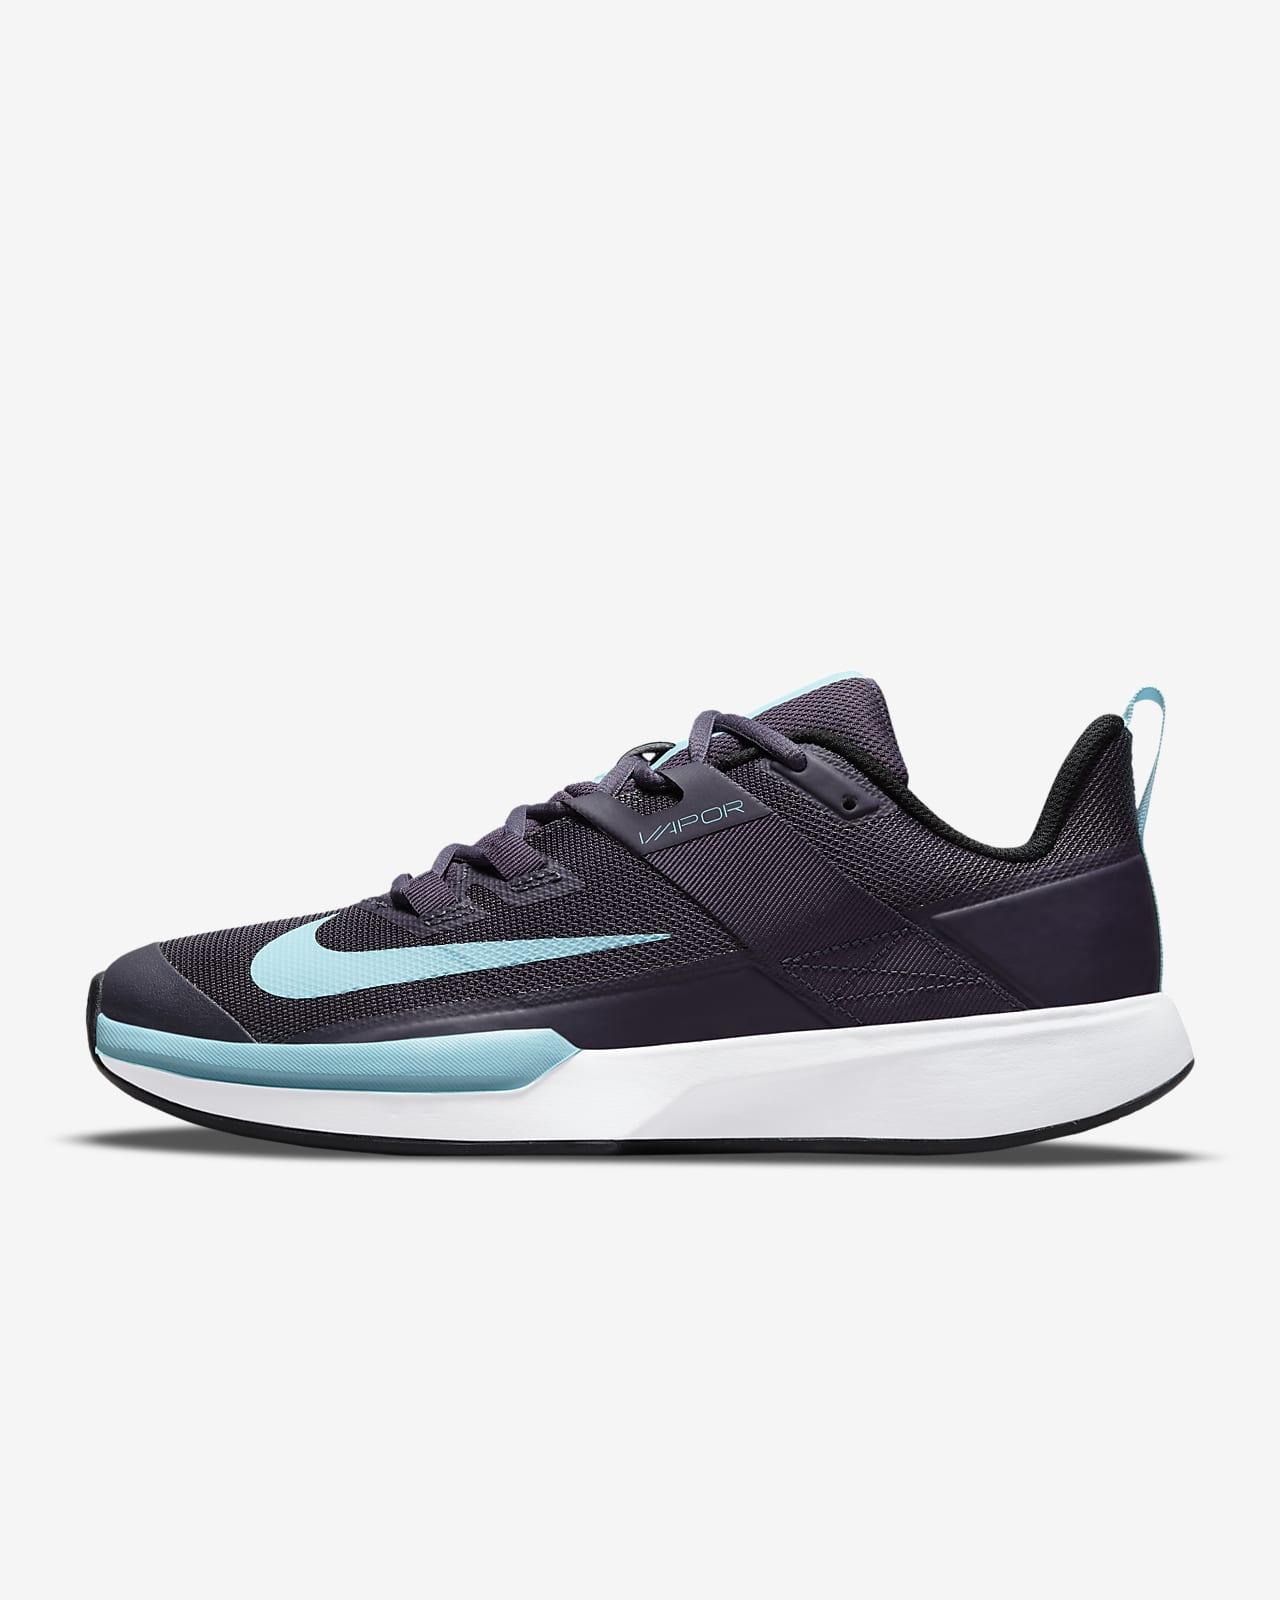 Sapatilhas de ténis para terra batida NikeCourt Vapor Lite para mulher